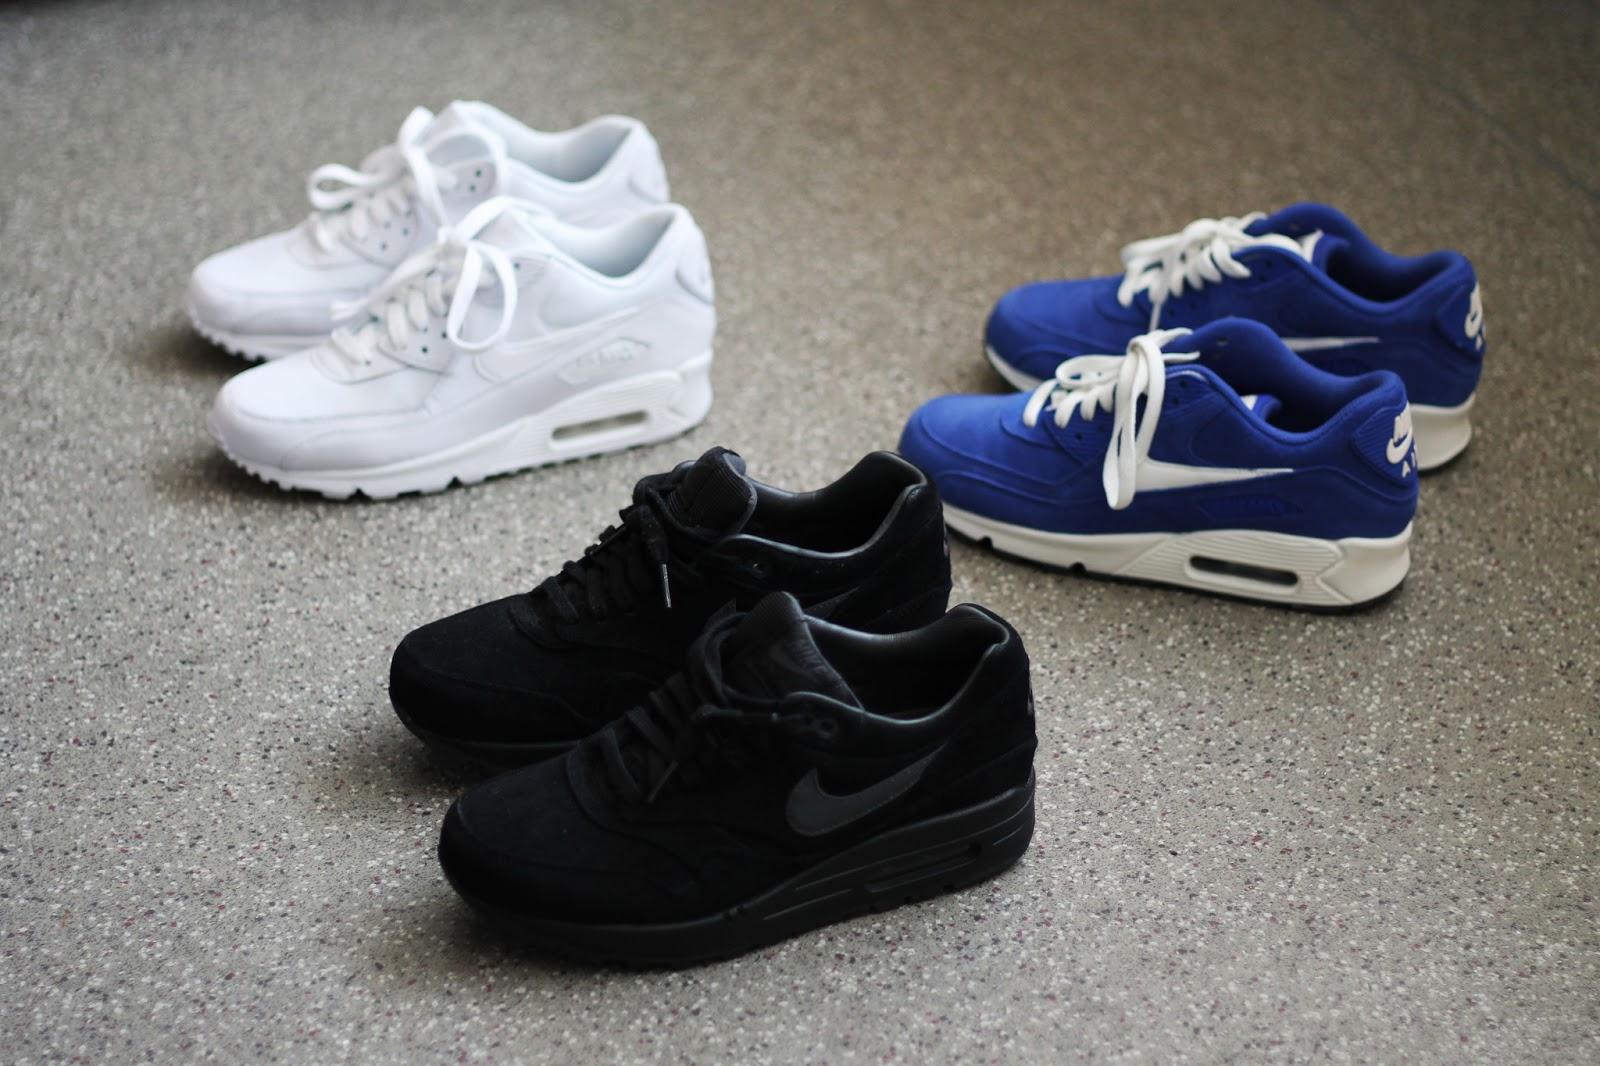 Nike Air Max 90 Swag Black